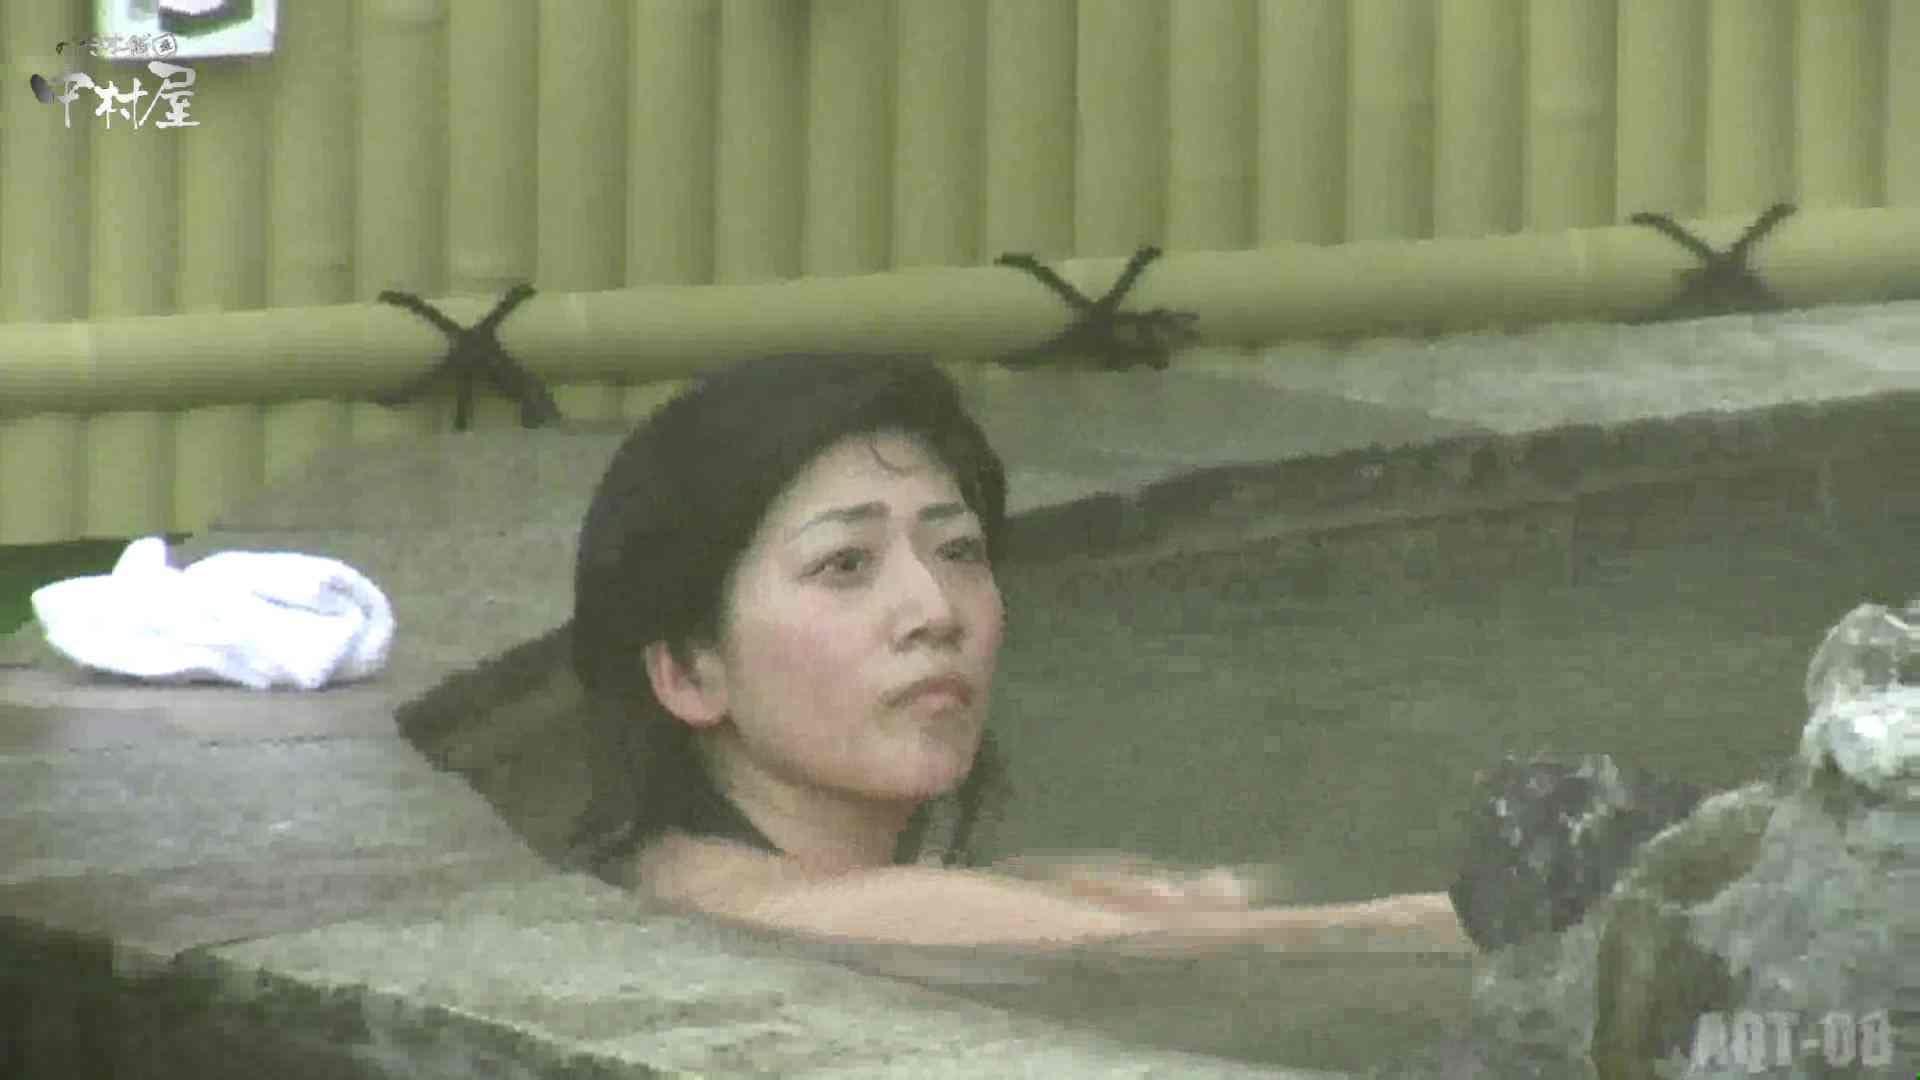 Aquaな露天風呂Vol.872潜入盗撮露天風呂八判湯 其の四 潜入 隠し撮りおまんこ動画流出 92連発 10